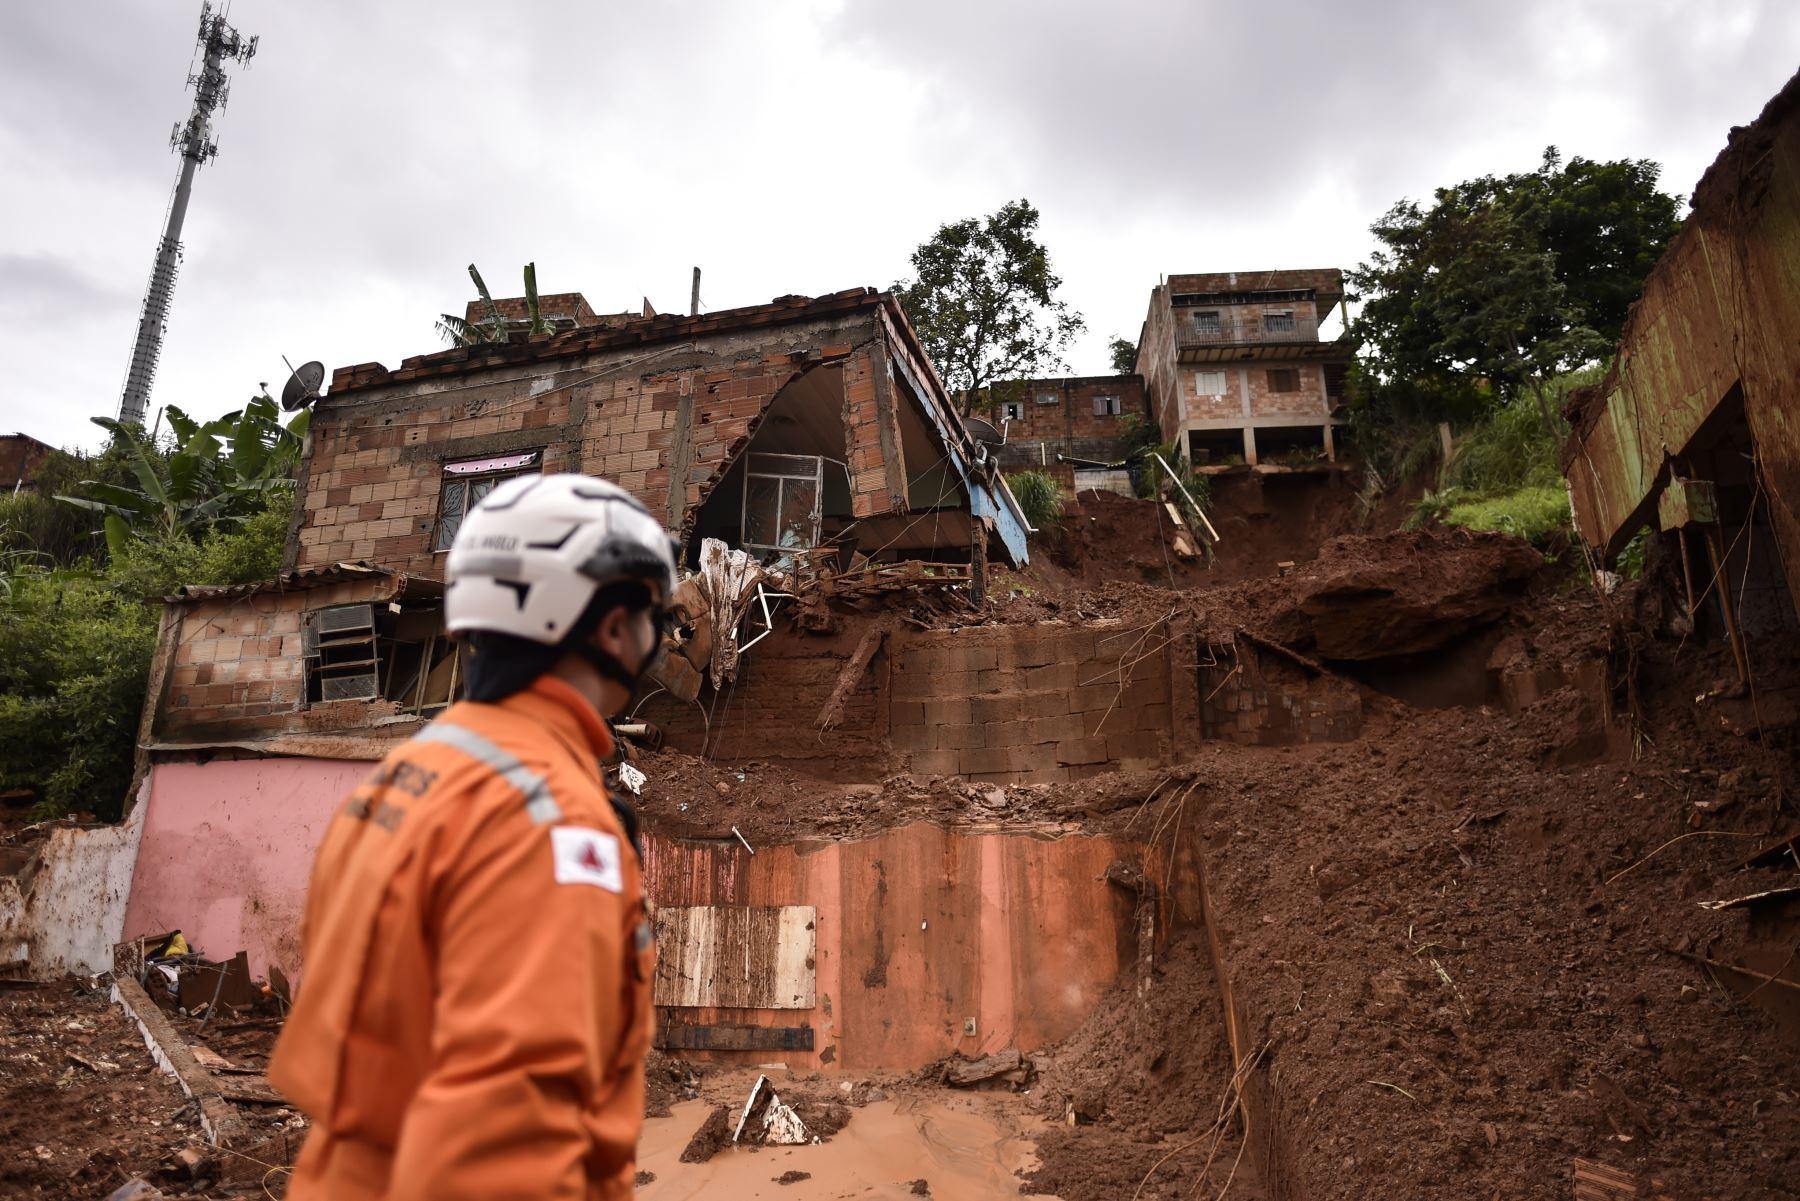 Un bombero observa el sitio de un deslizamiento de tierra en Vila Bernadete, Belo Horizonte, estado de Minas Gerais, Brasil. AFP